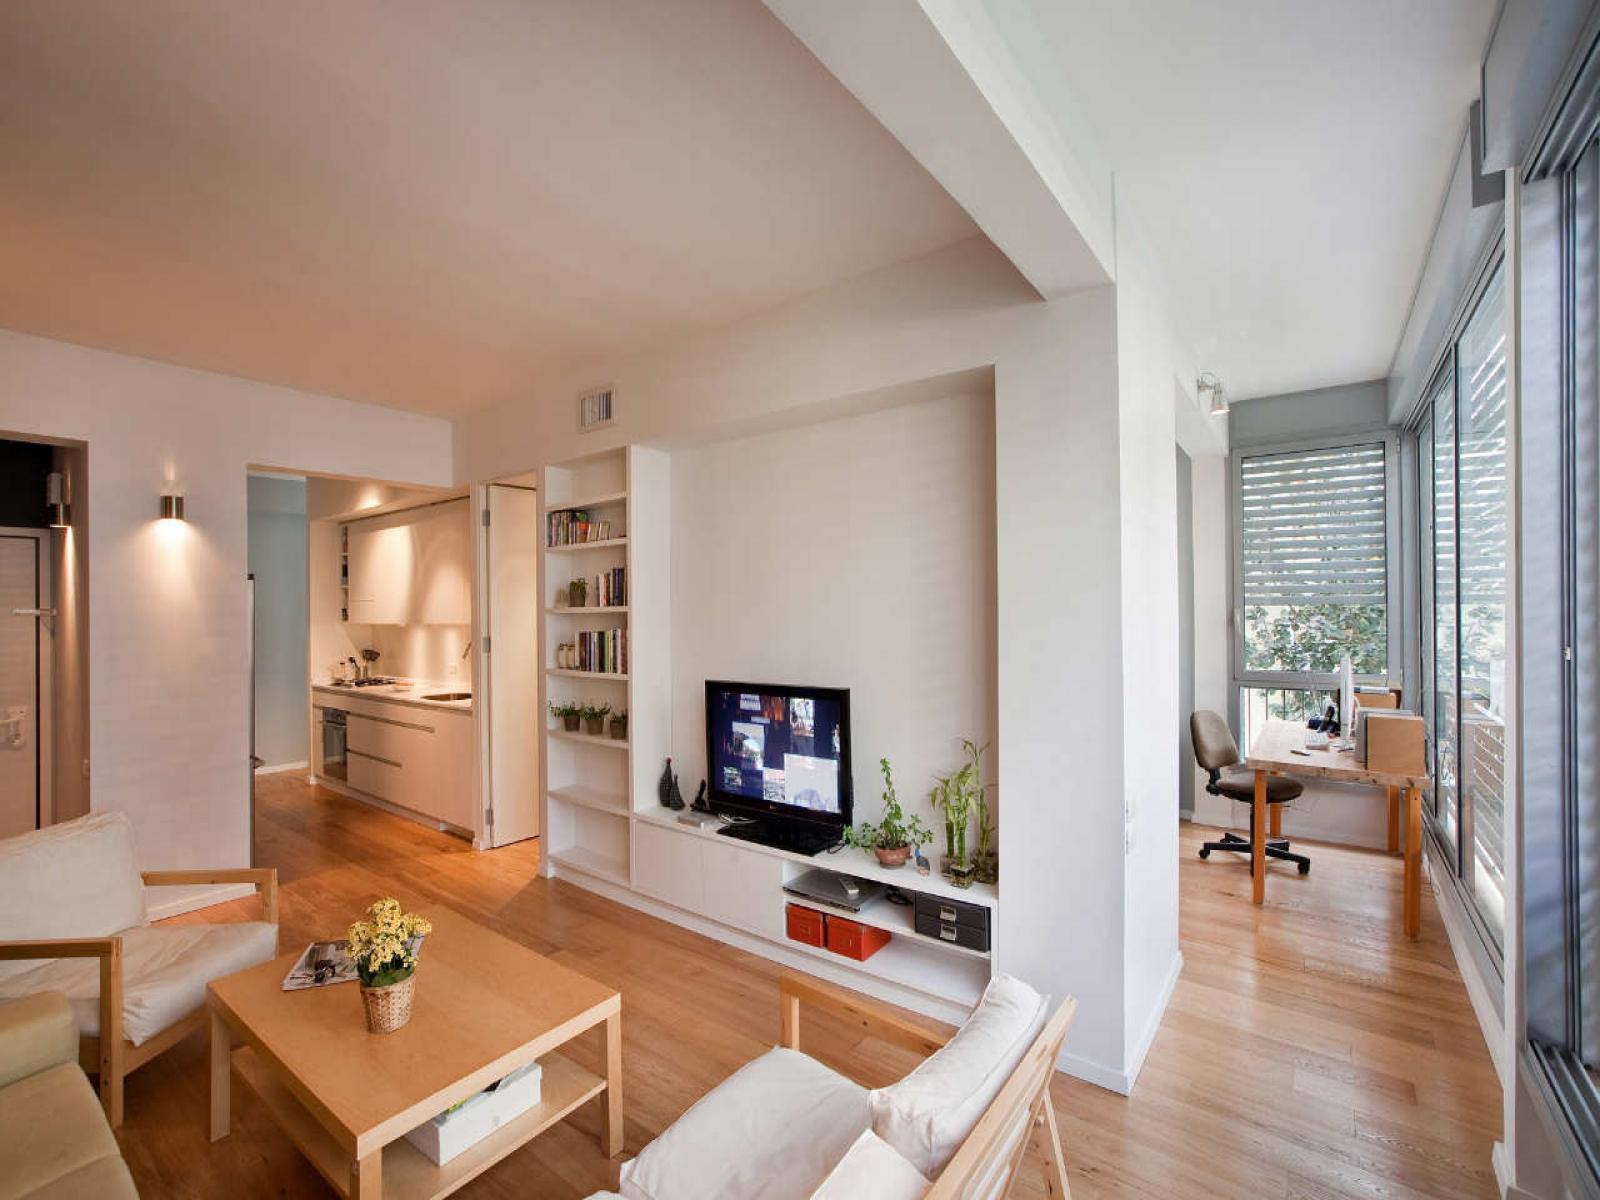 Дизайн однокомнатной квартиры с балконом